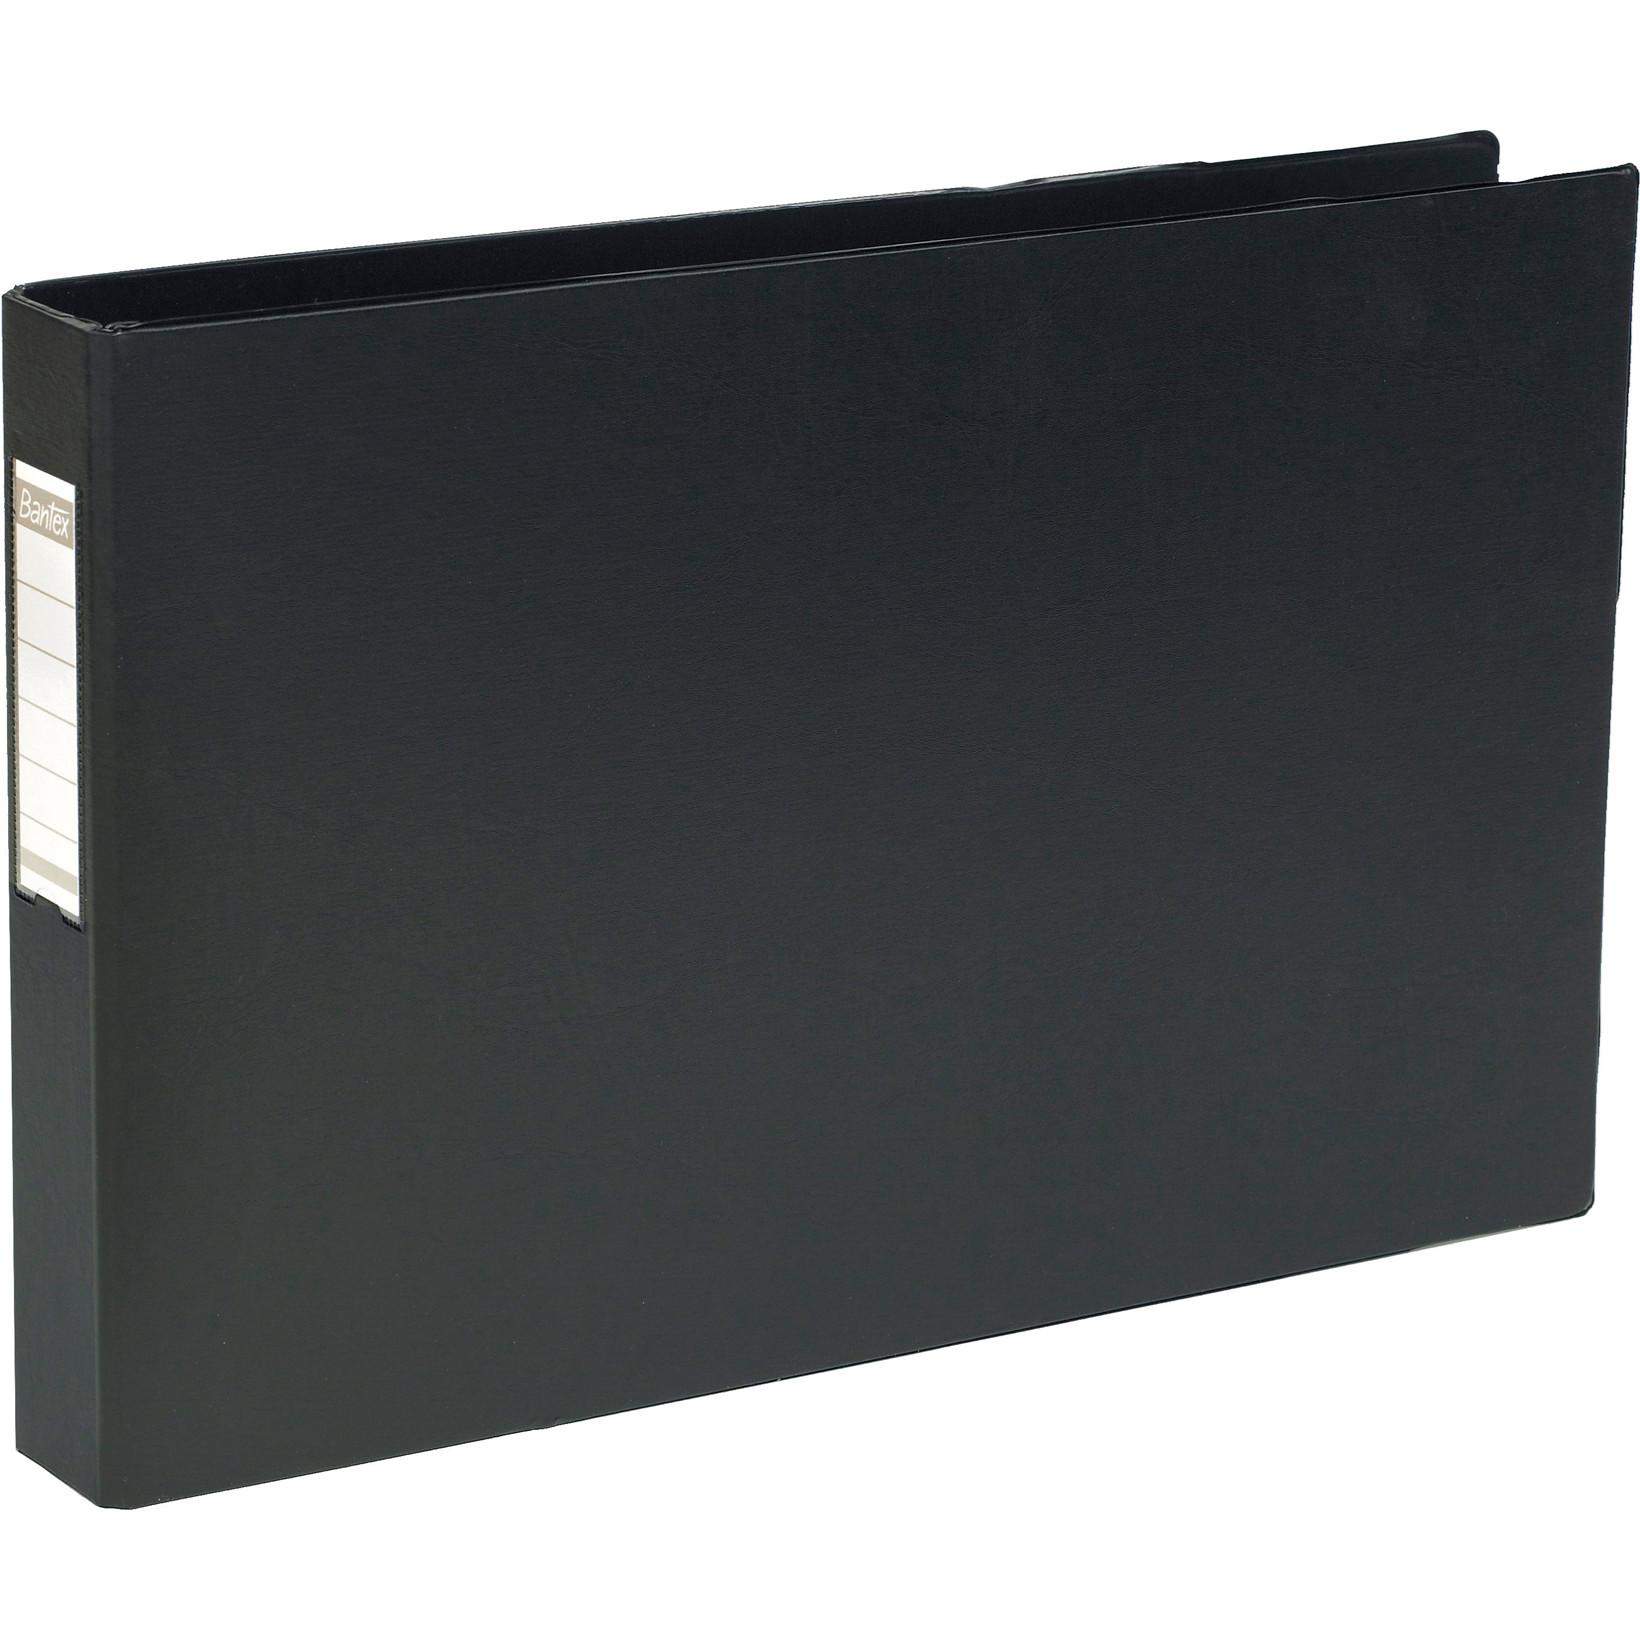 A3 Ringbind sort tværformat med 4 ringe og 55 mm ryg - ELBA 400000113